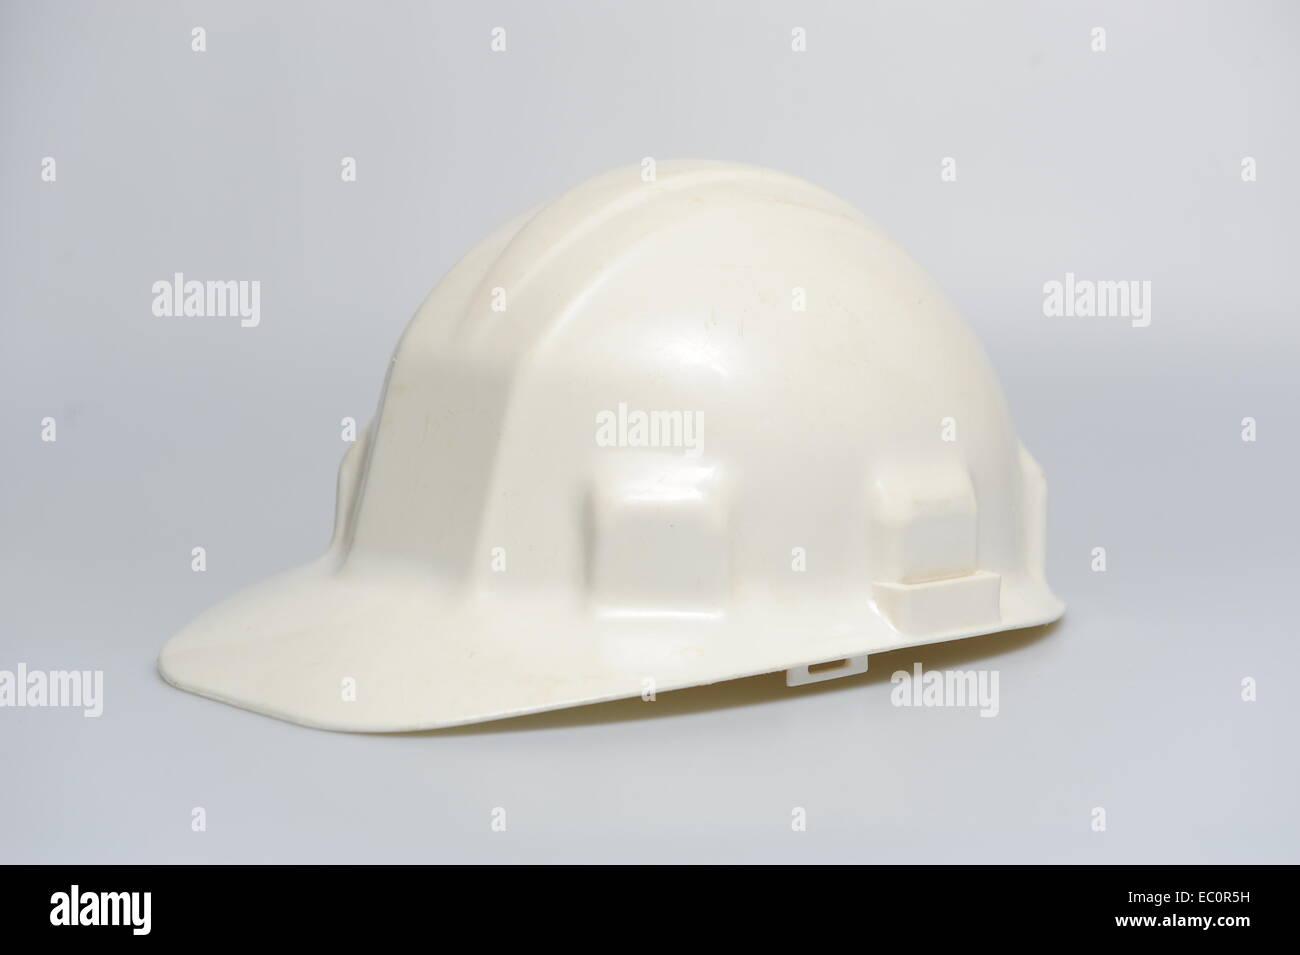 White elmetto casco su sfondo bianco in plastica del coperchio testata Immagini Stock